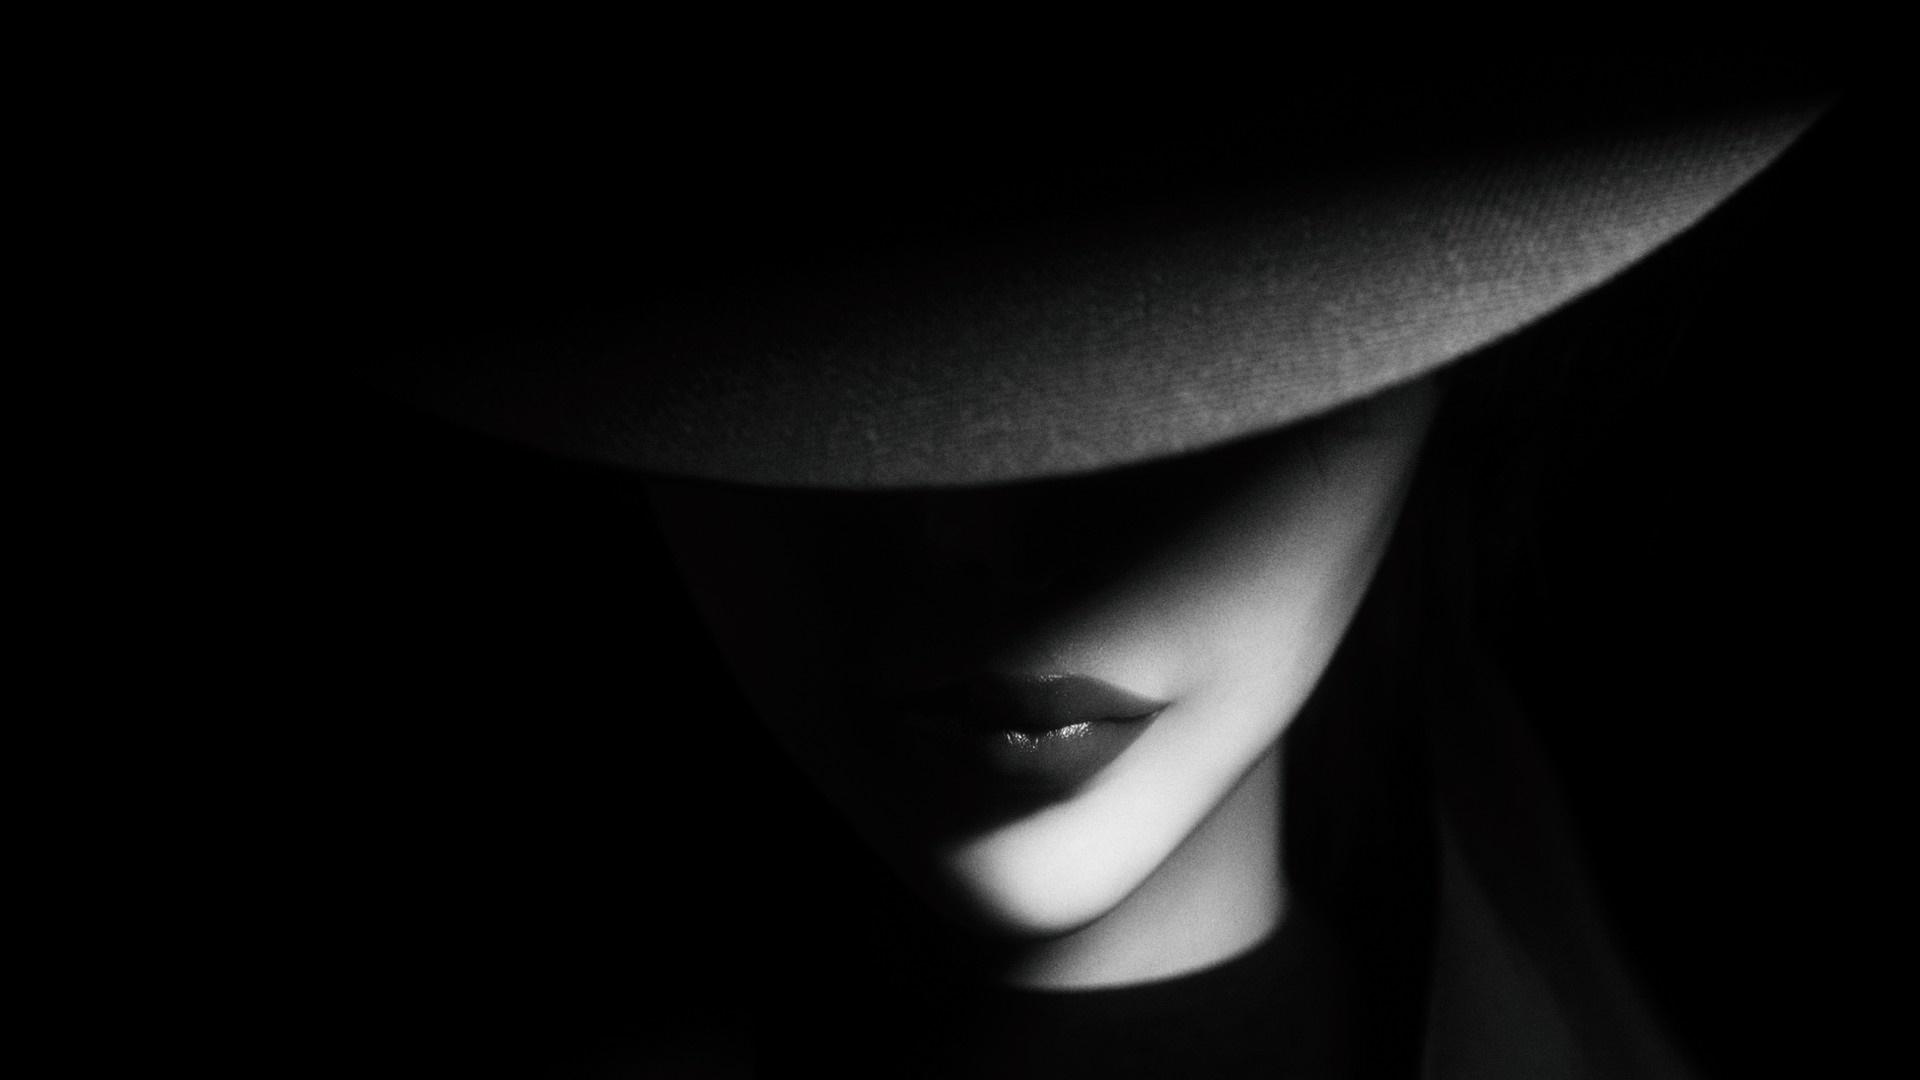 Woman in a hat wallpaper